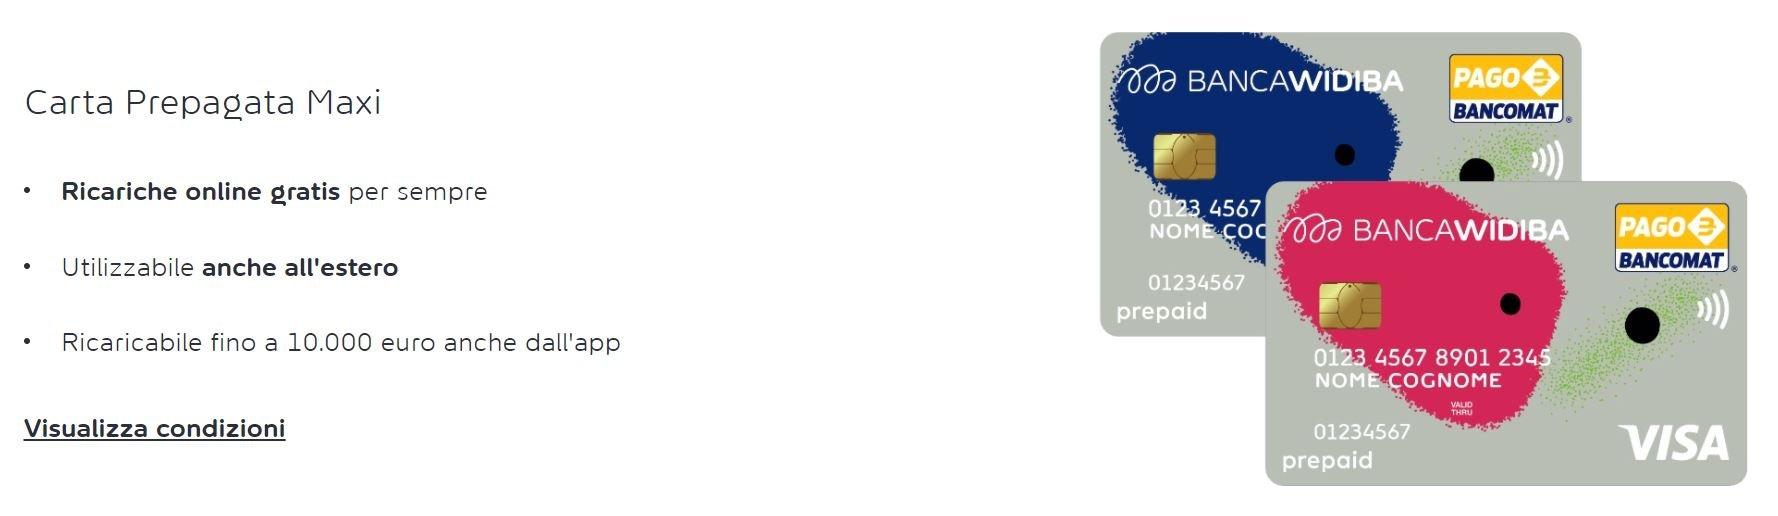 carta prepagata maxi widiba vs carta di credito